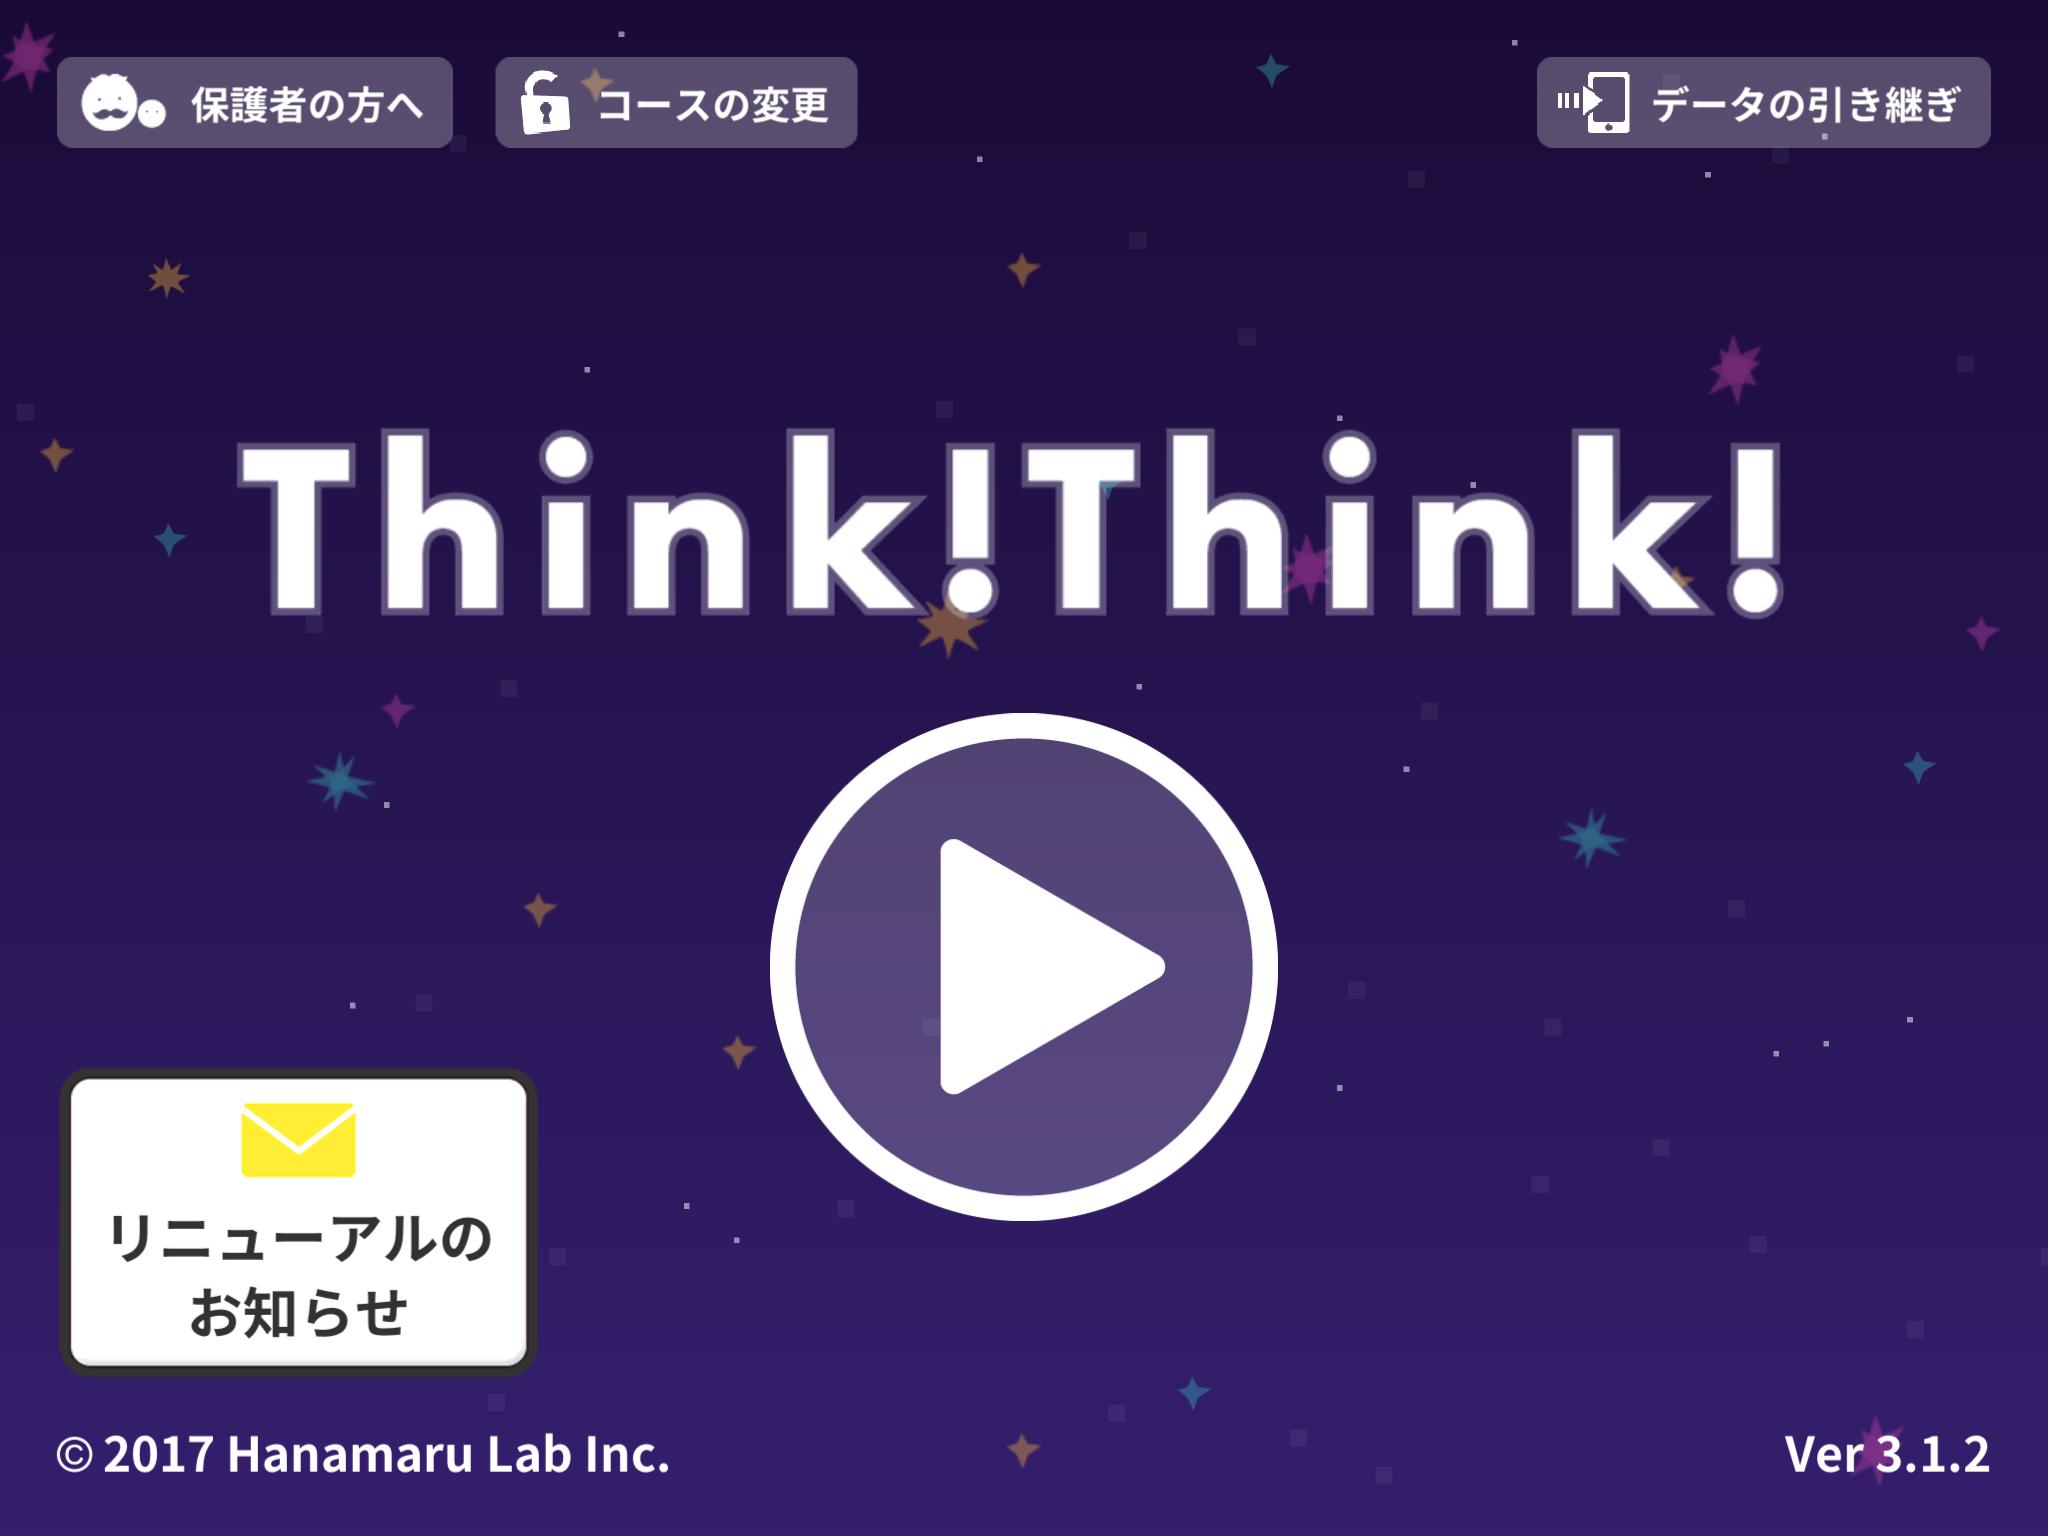 2018年8月にリニューアルしたシンクシンク(Think!Think!)の解説